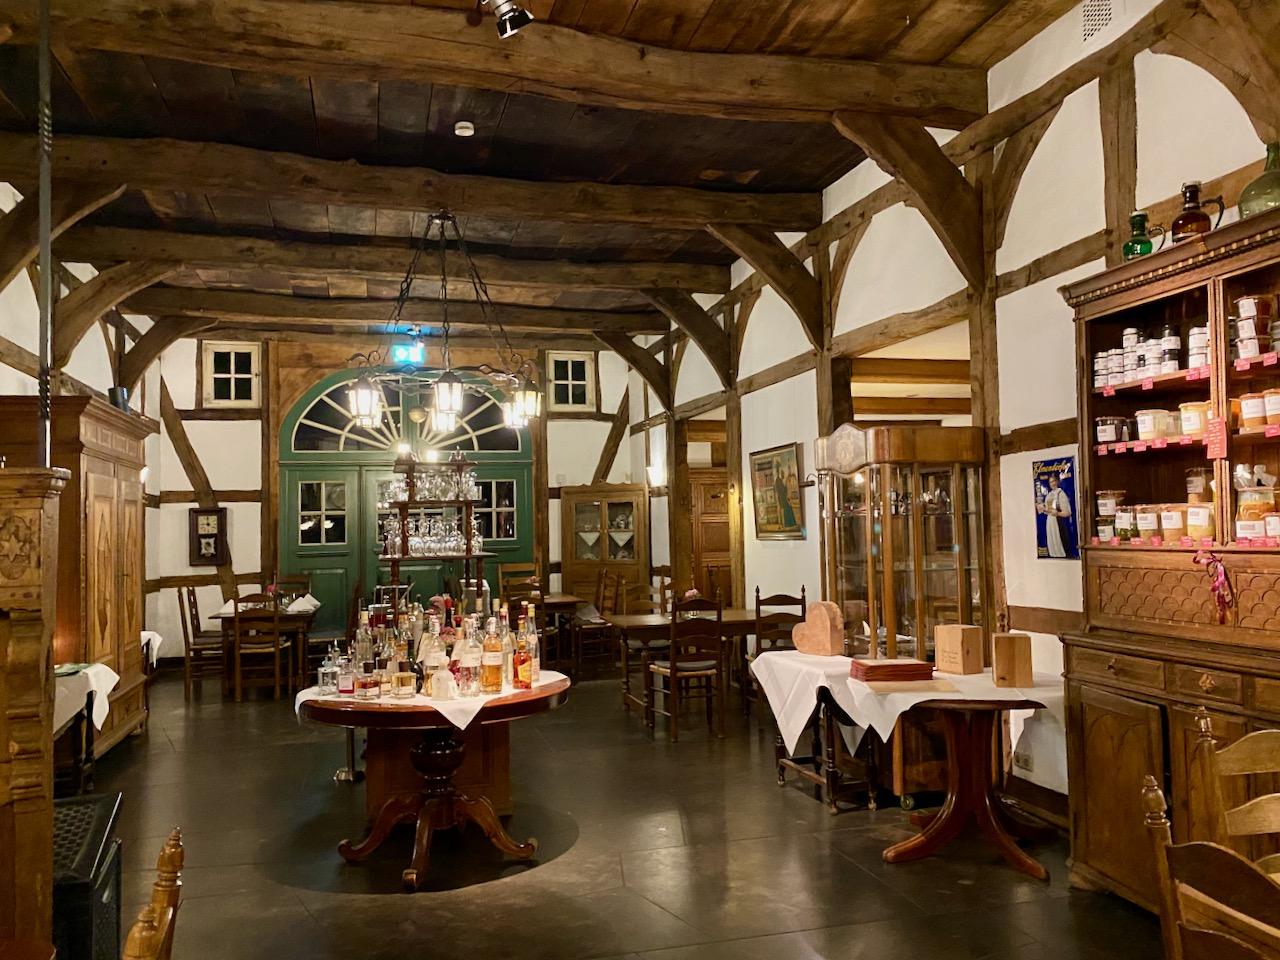 Gut essen gehen in Bielefeld. Kulinarische Highlights in Ostwestfalen.